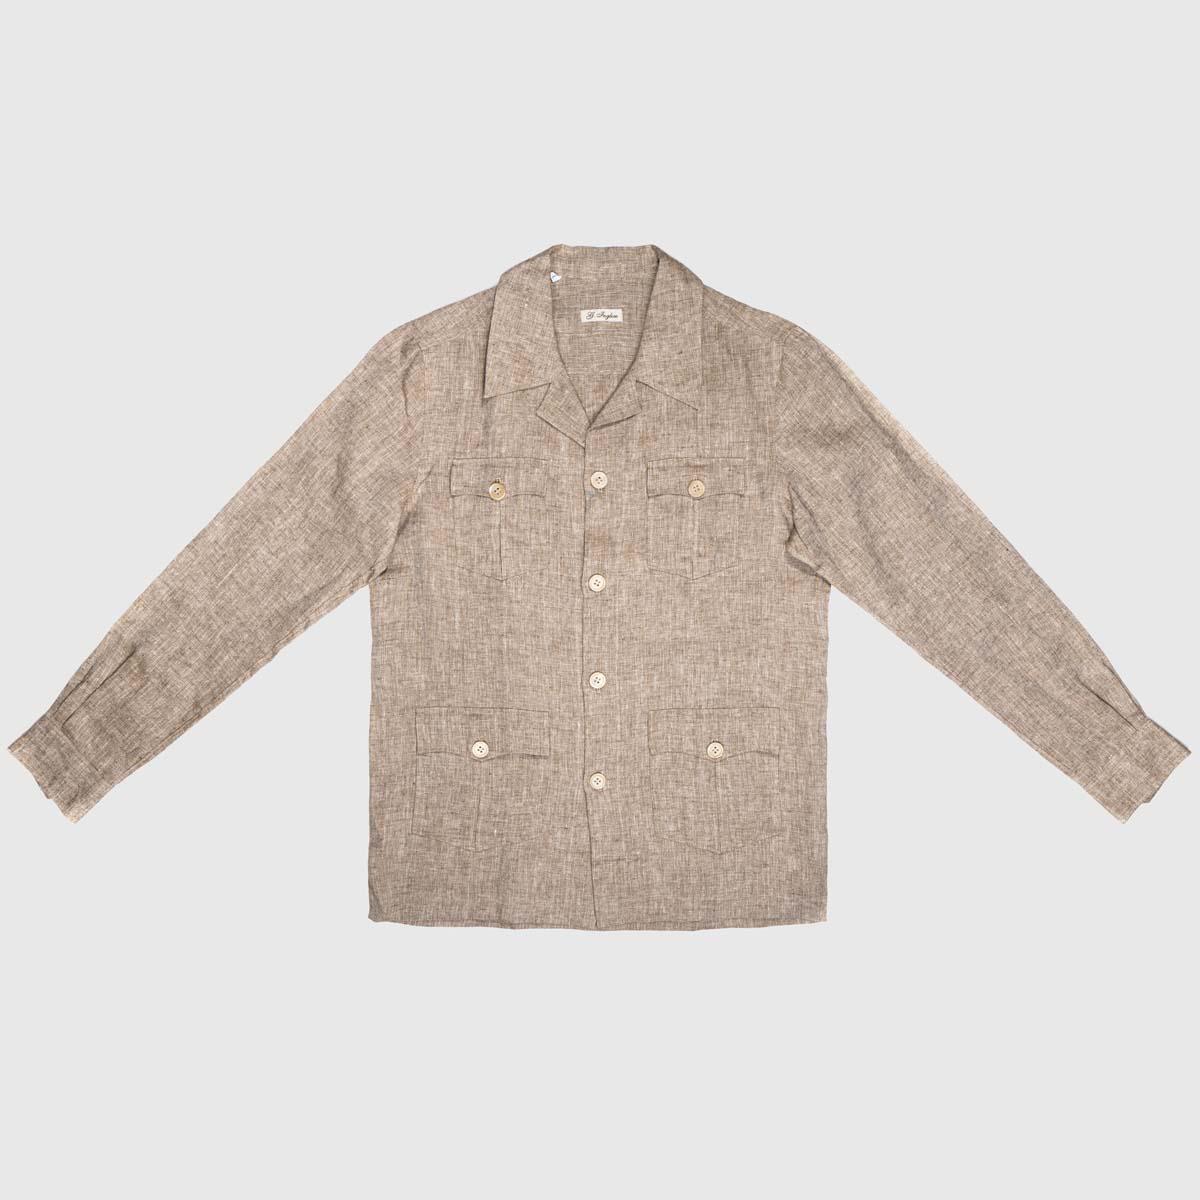 Sahariana Dress Shirt in Hazelnut Linen